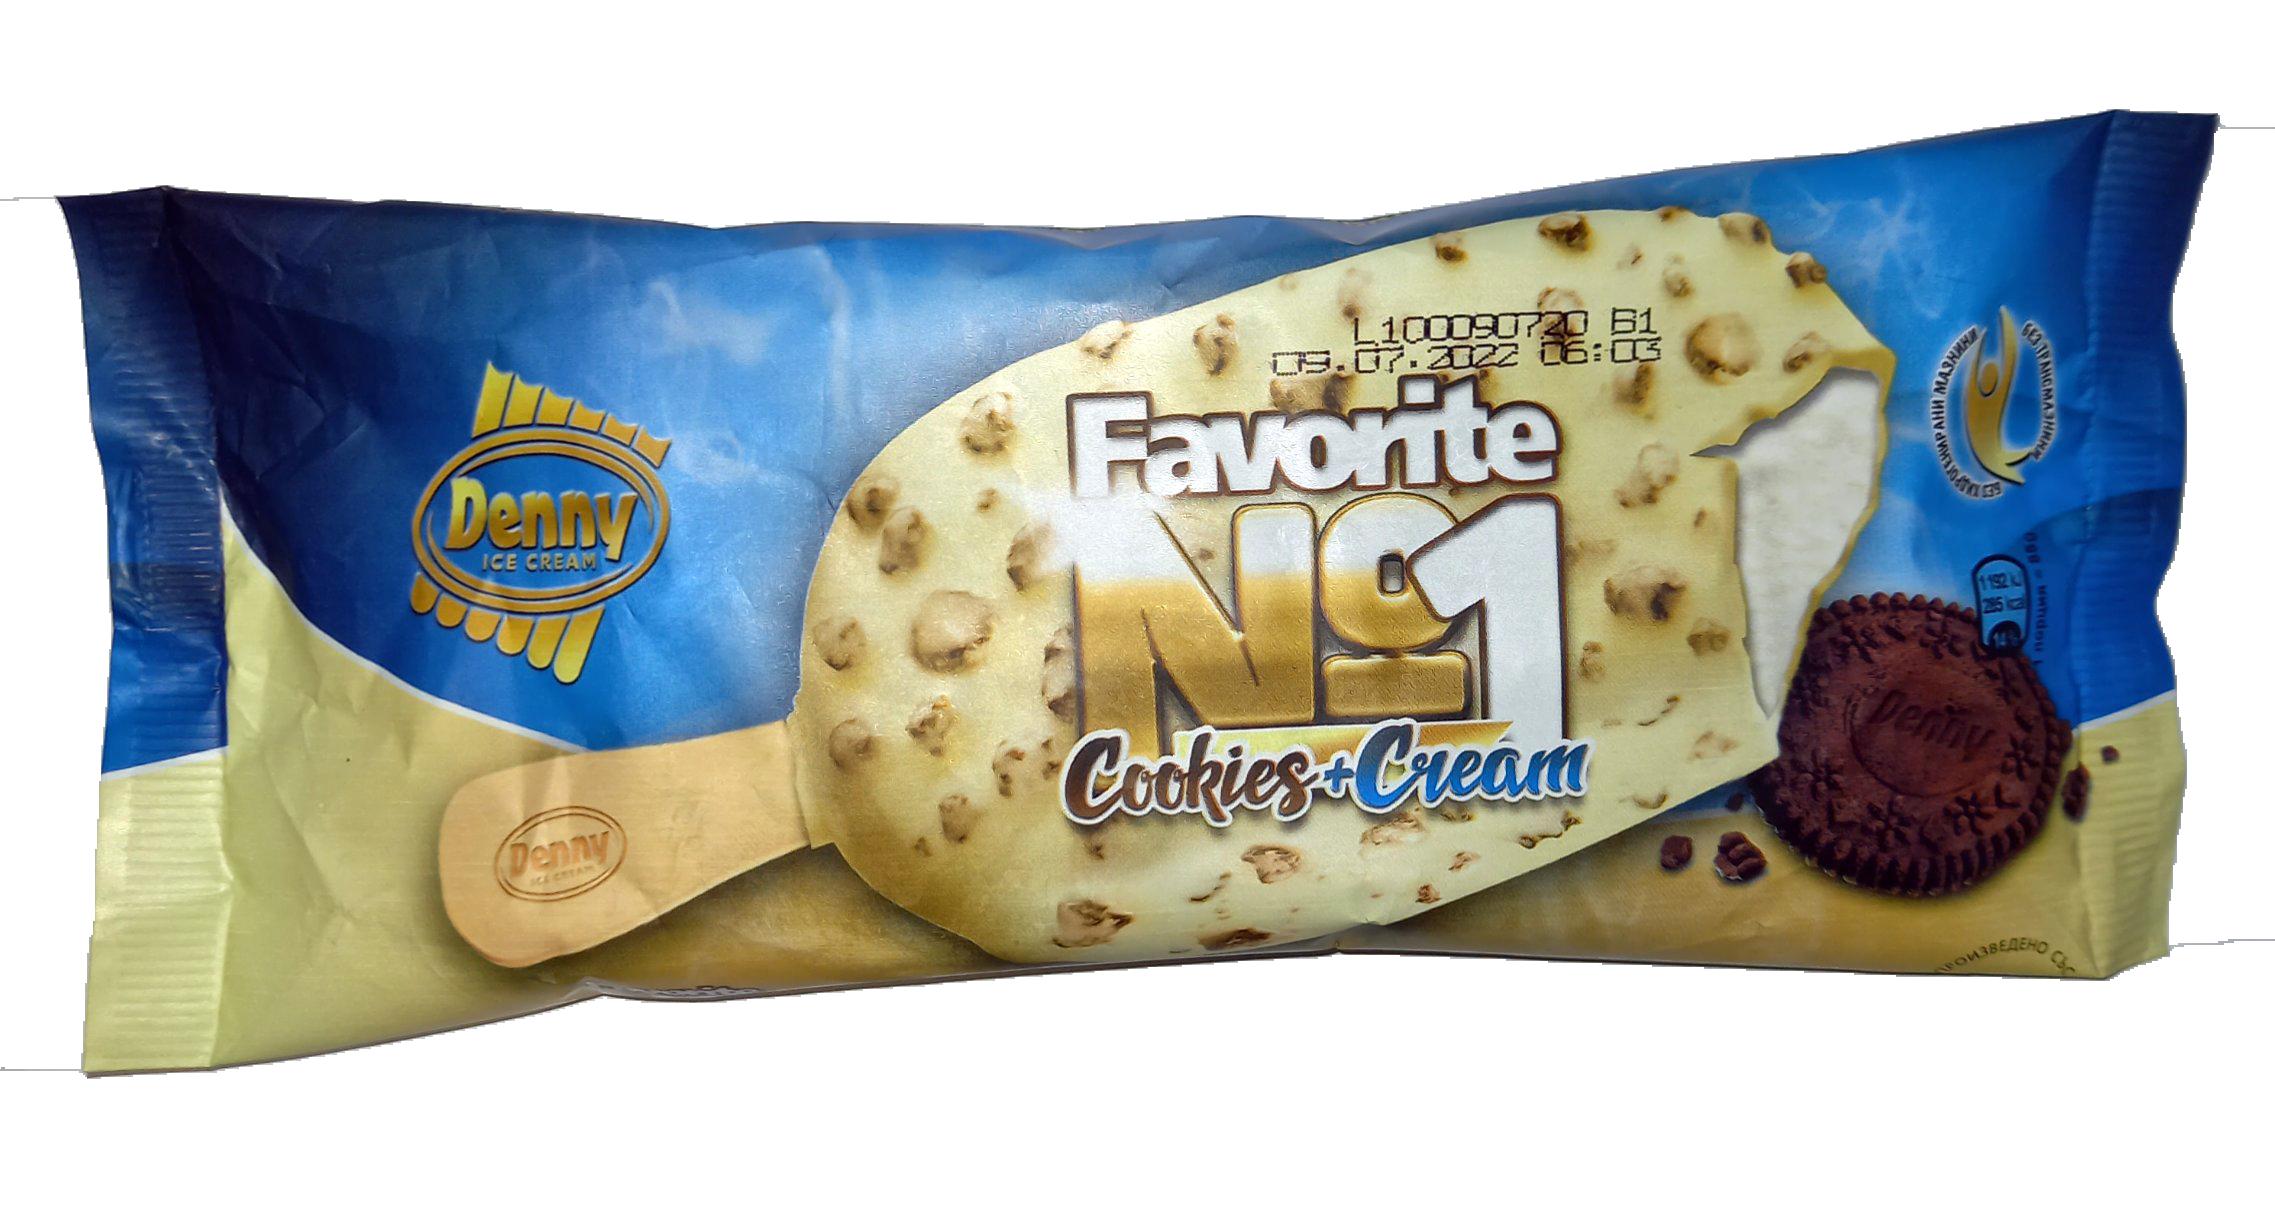 снимка на Фаворит № cookies&cream